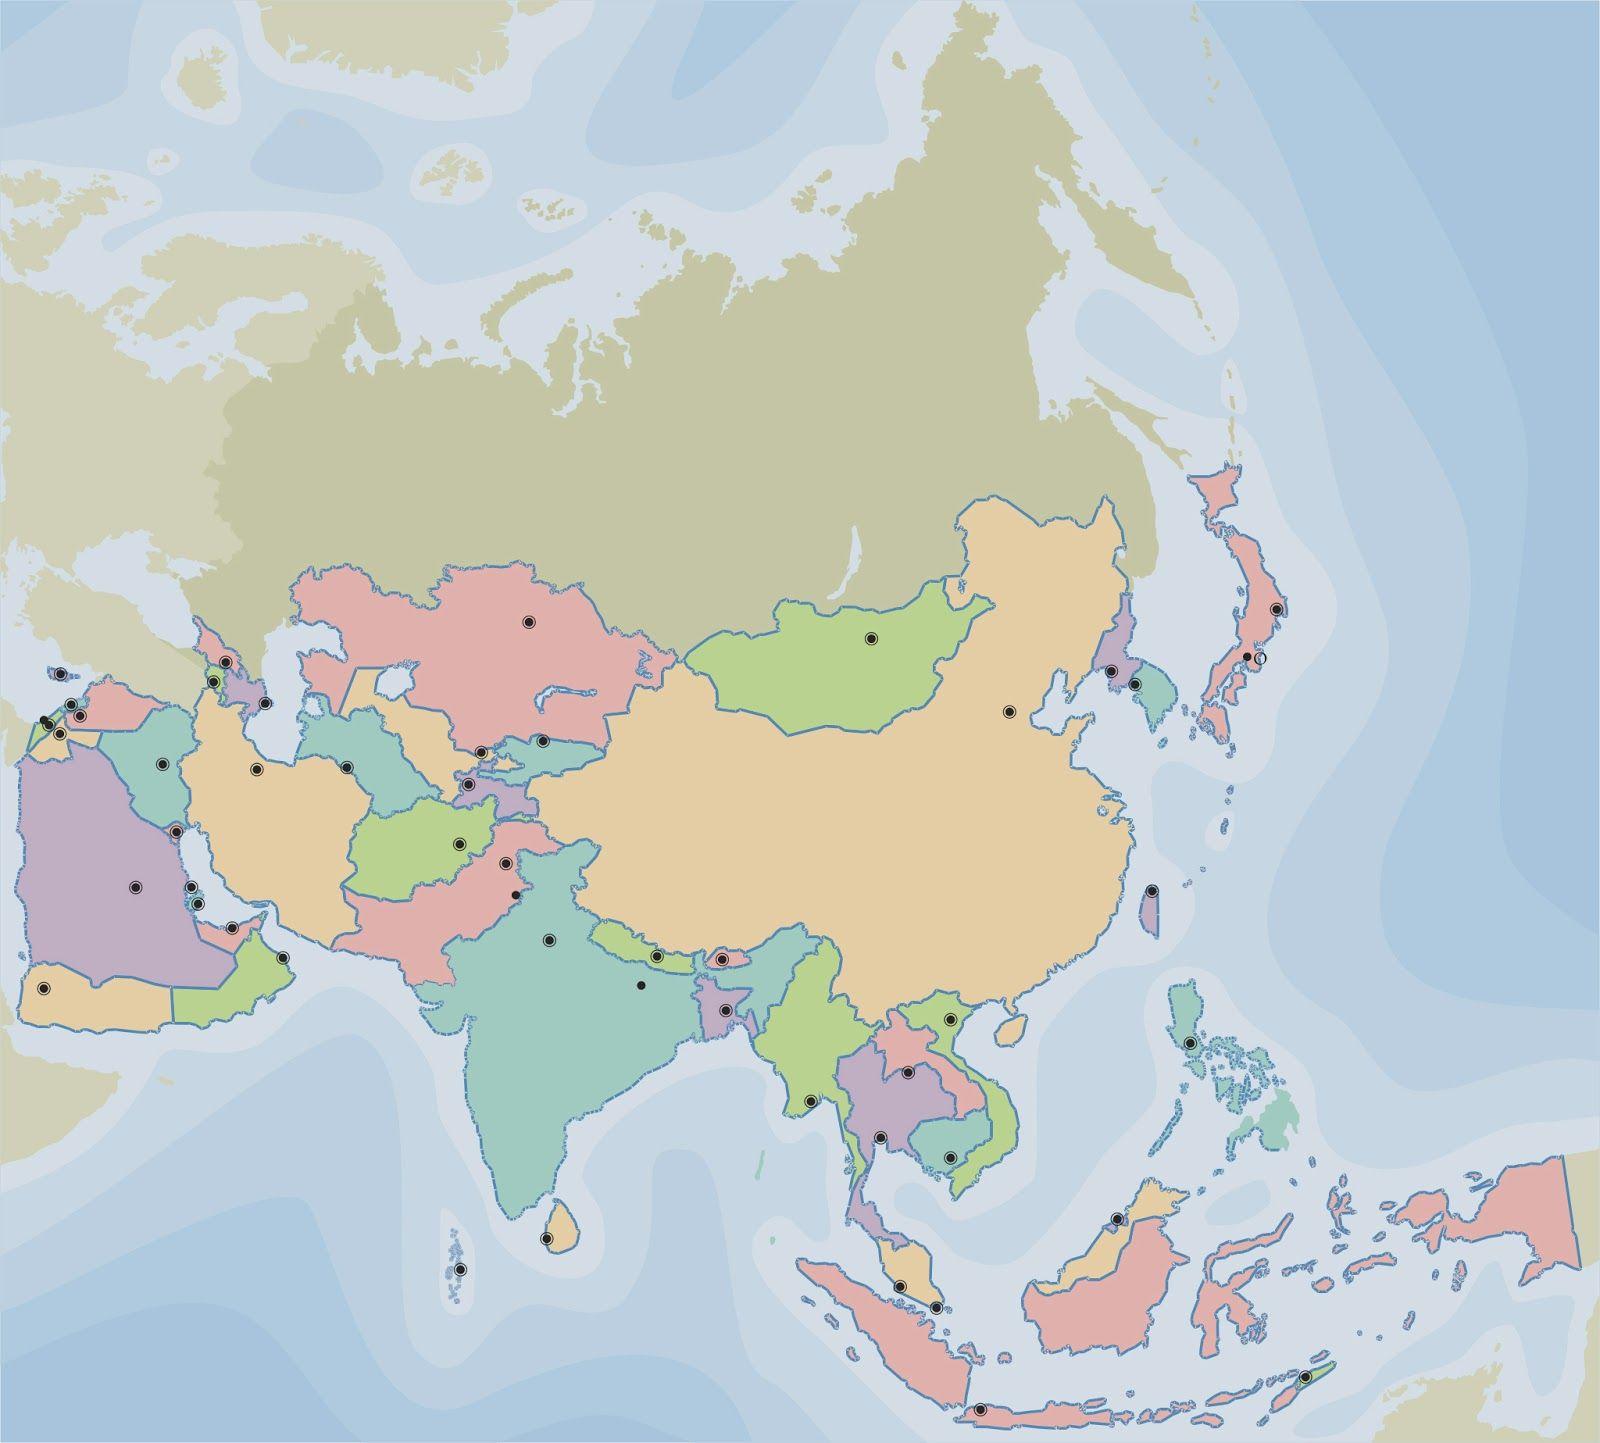 Mapa De Asia Mudo.La Alacena De Las Ciencias Sociales Mapa Politico De Asia